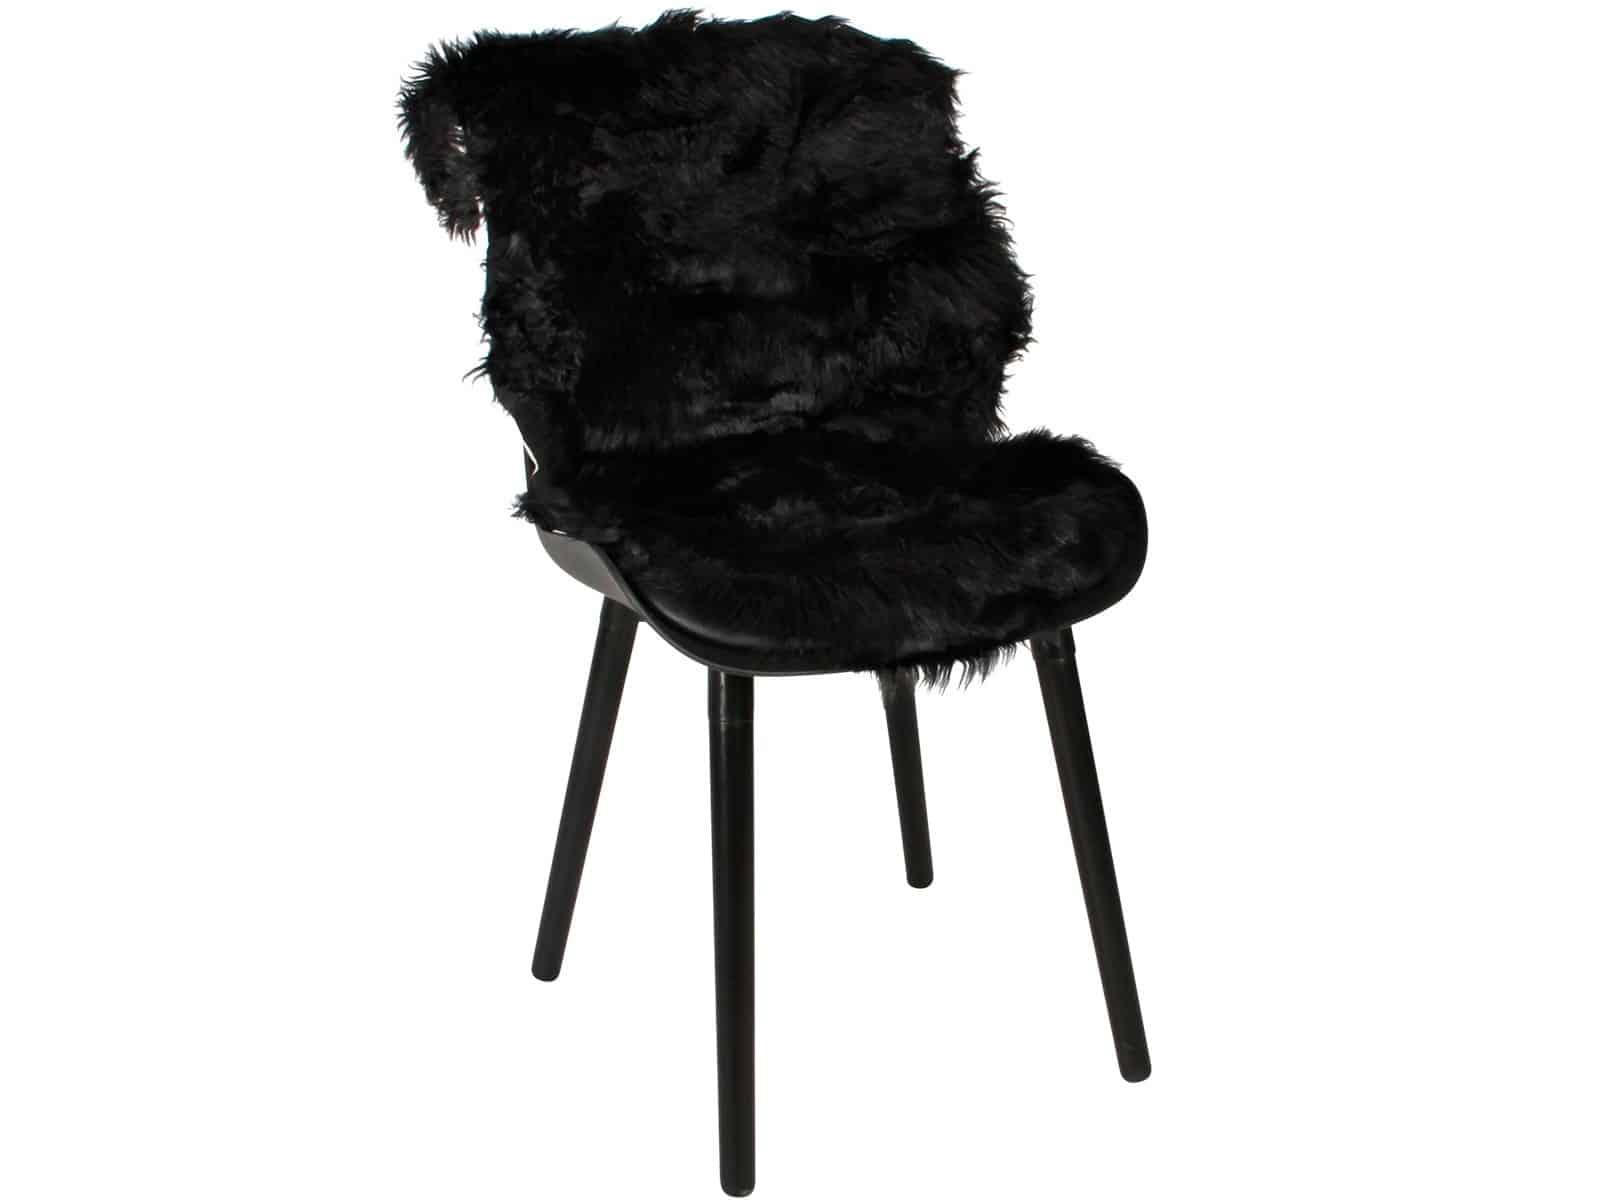 Sort dekorationsskind til stol